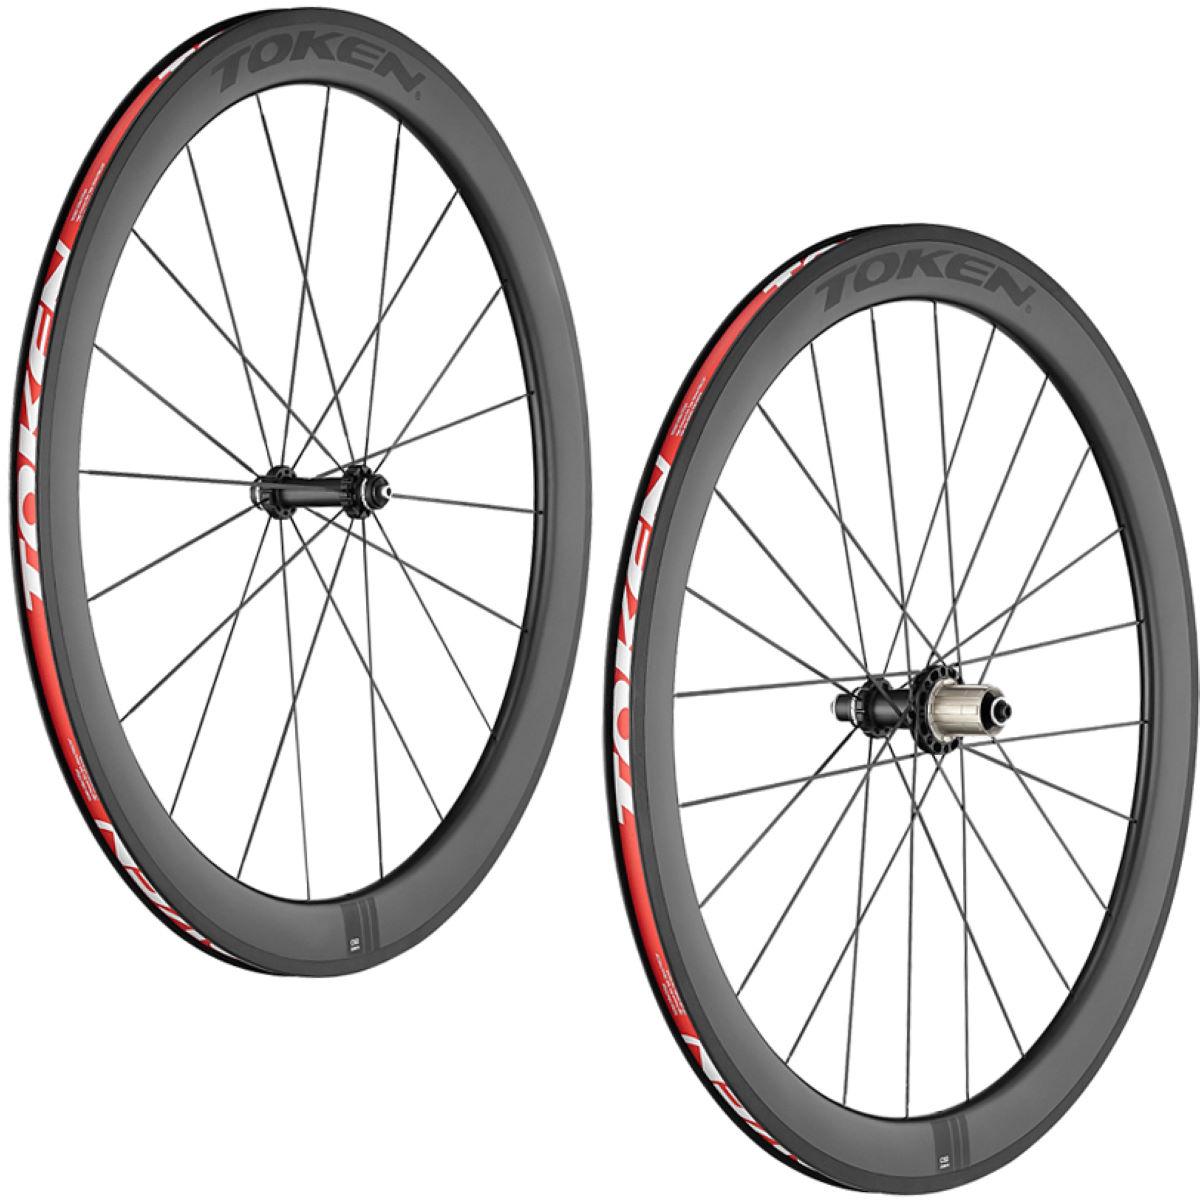 Token C50 Full Carbon Clincher Wheelset Performance Wheels